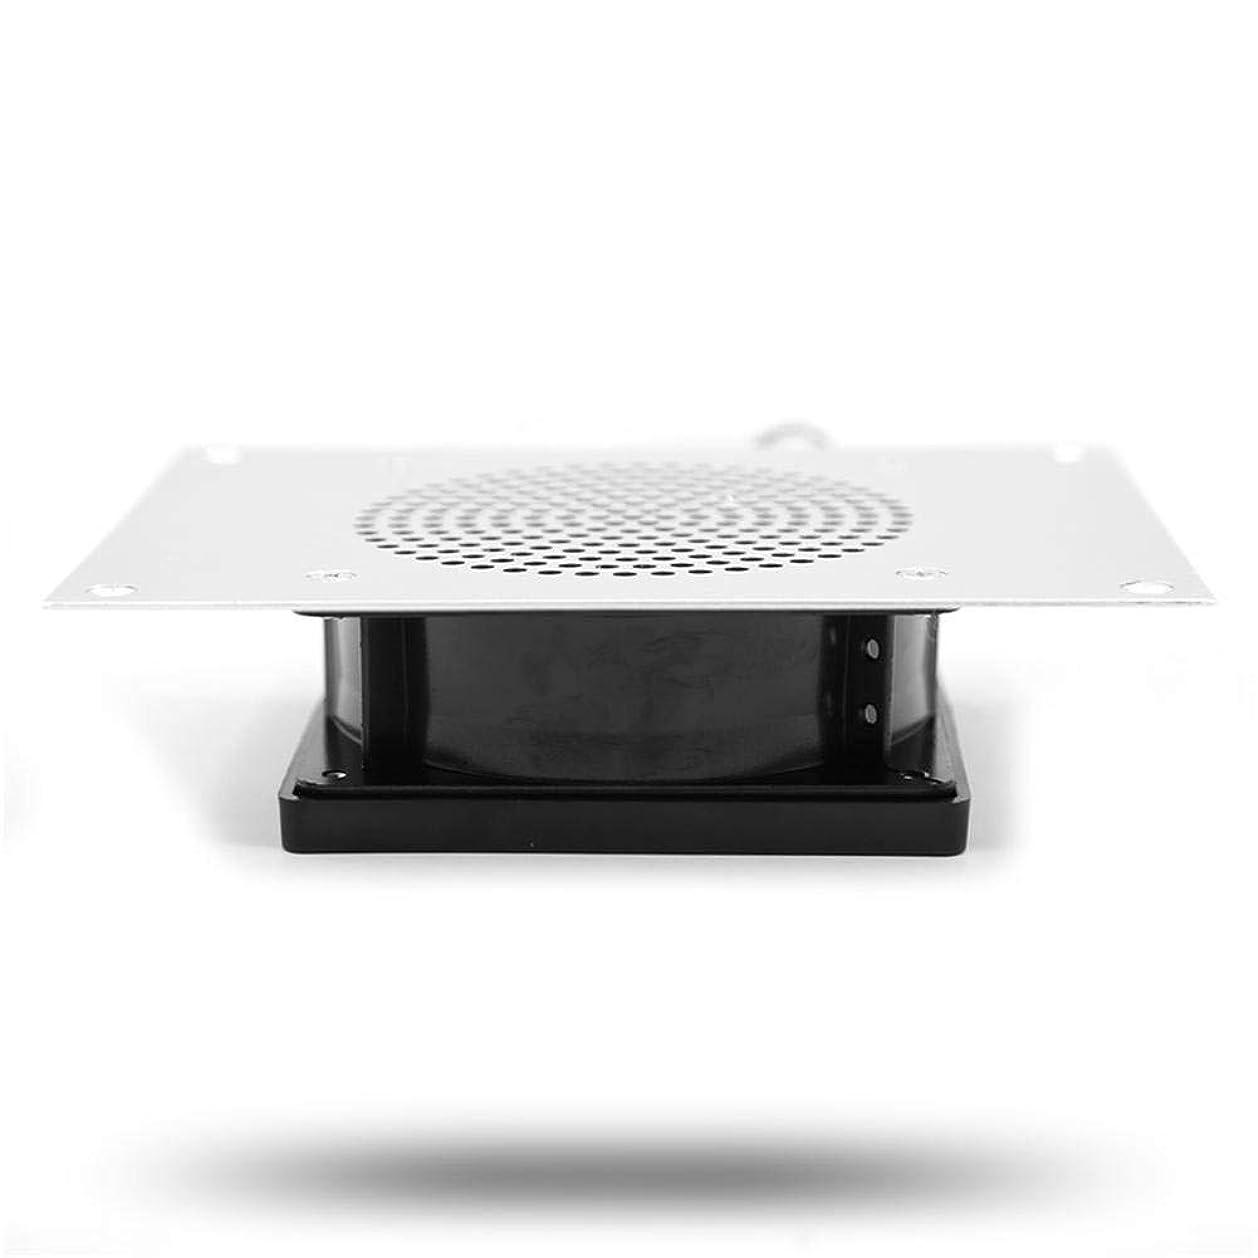 ネイル掃除機ネイルテーブルファン吸引ダストコレクターネイルartprofessionalサロンマニキュアペディキュアアート機器